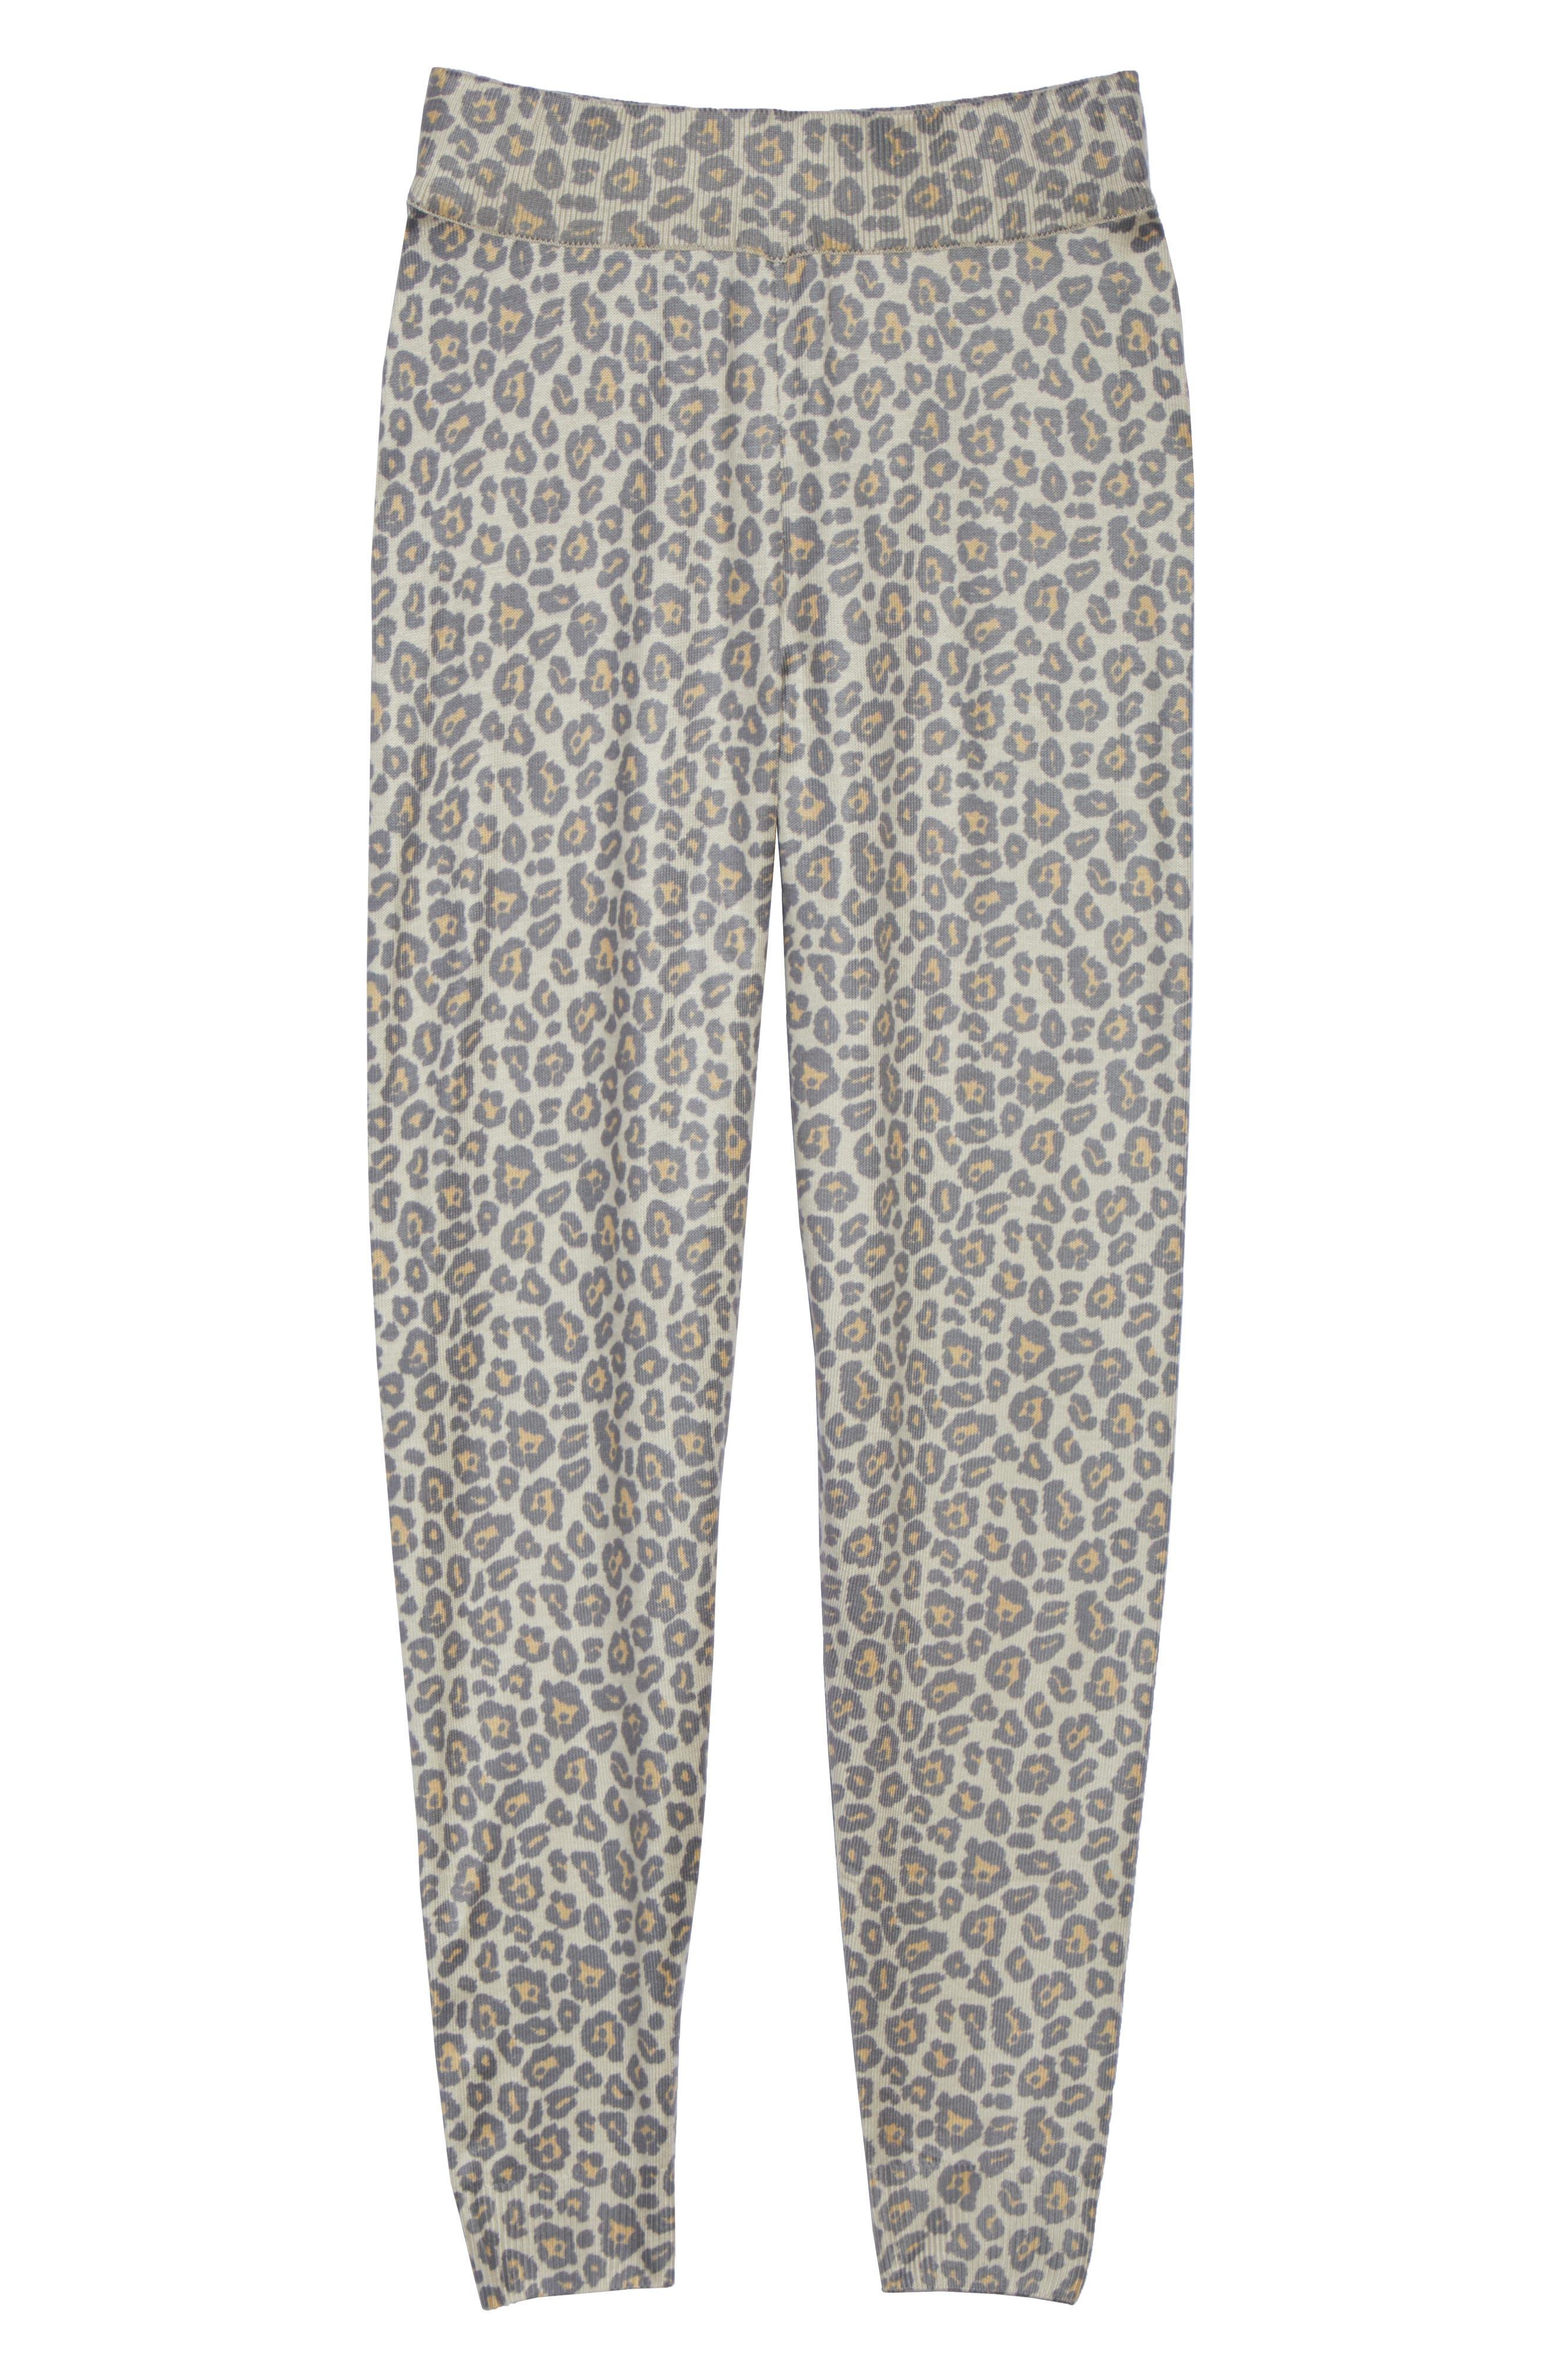 Leopard Knit Lounge Pant,                             Alternate thumbnail 6, color,                             BEIGE LEOPARD